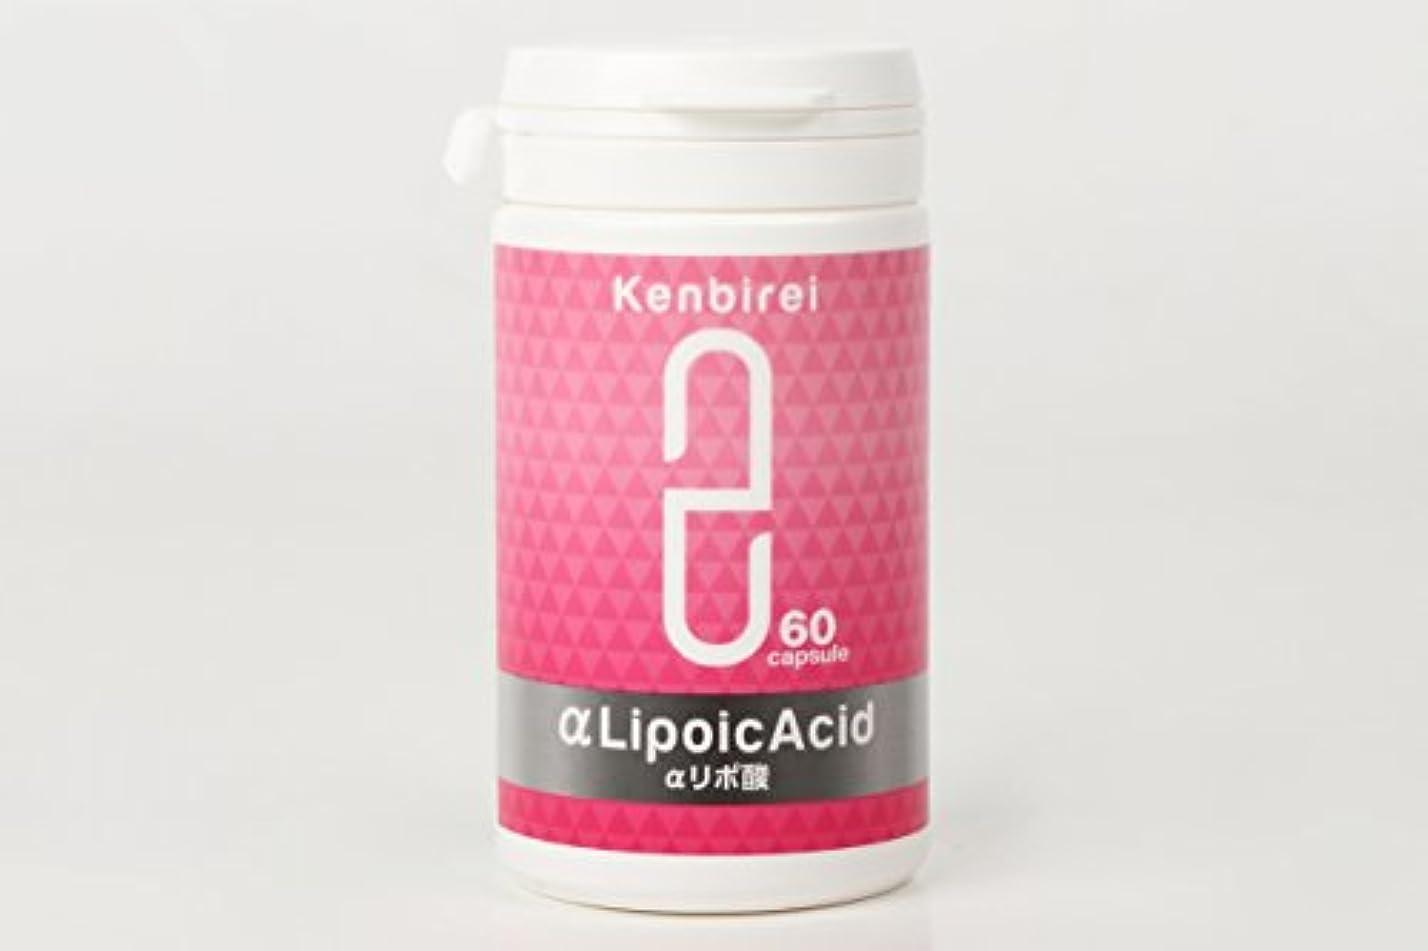 ニンニク構造絶え間ないαリポ酸 (377mg×60粒)